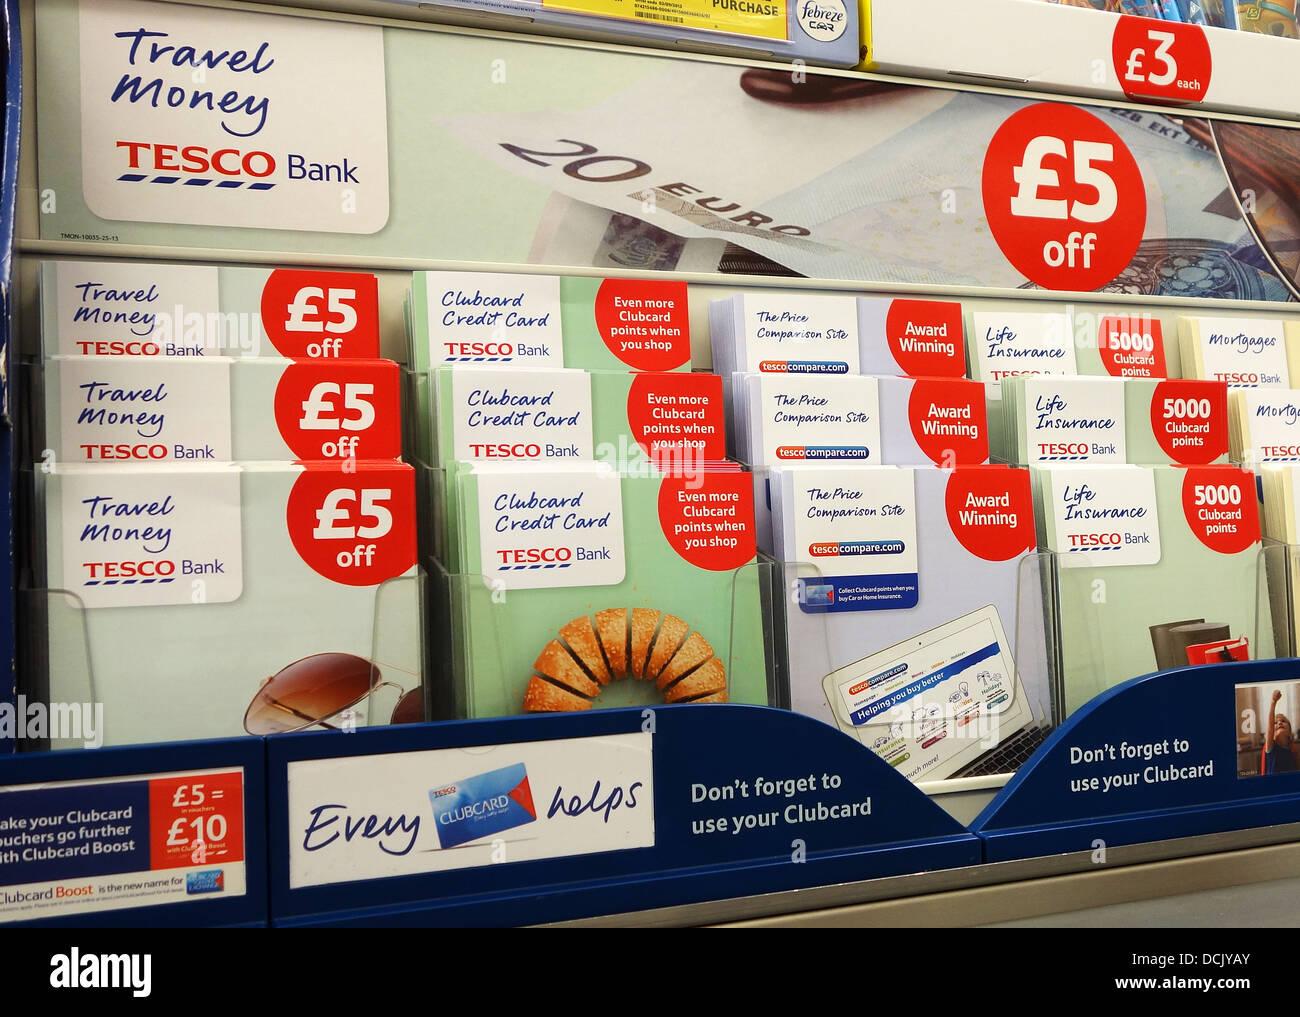 Tesco finanzielle Flugblätter an einer Shop-Kasse Stockbild